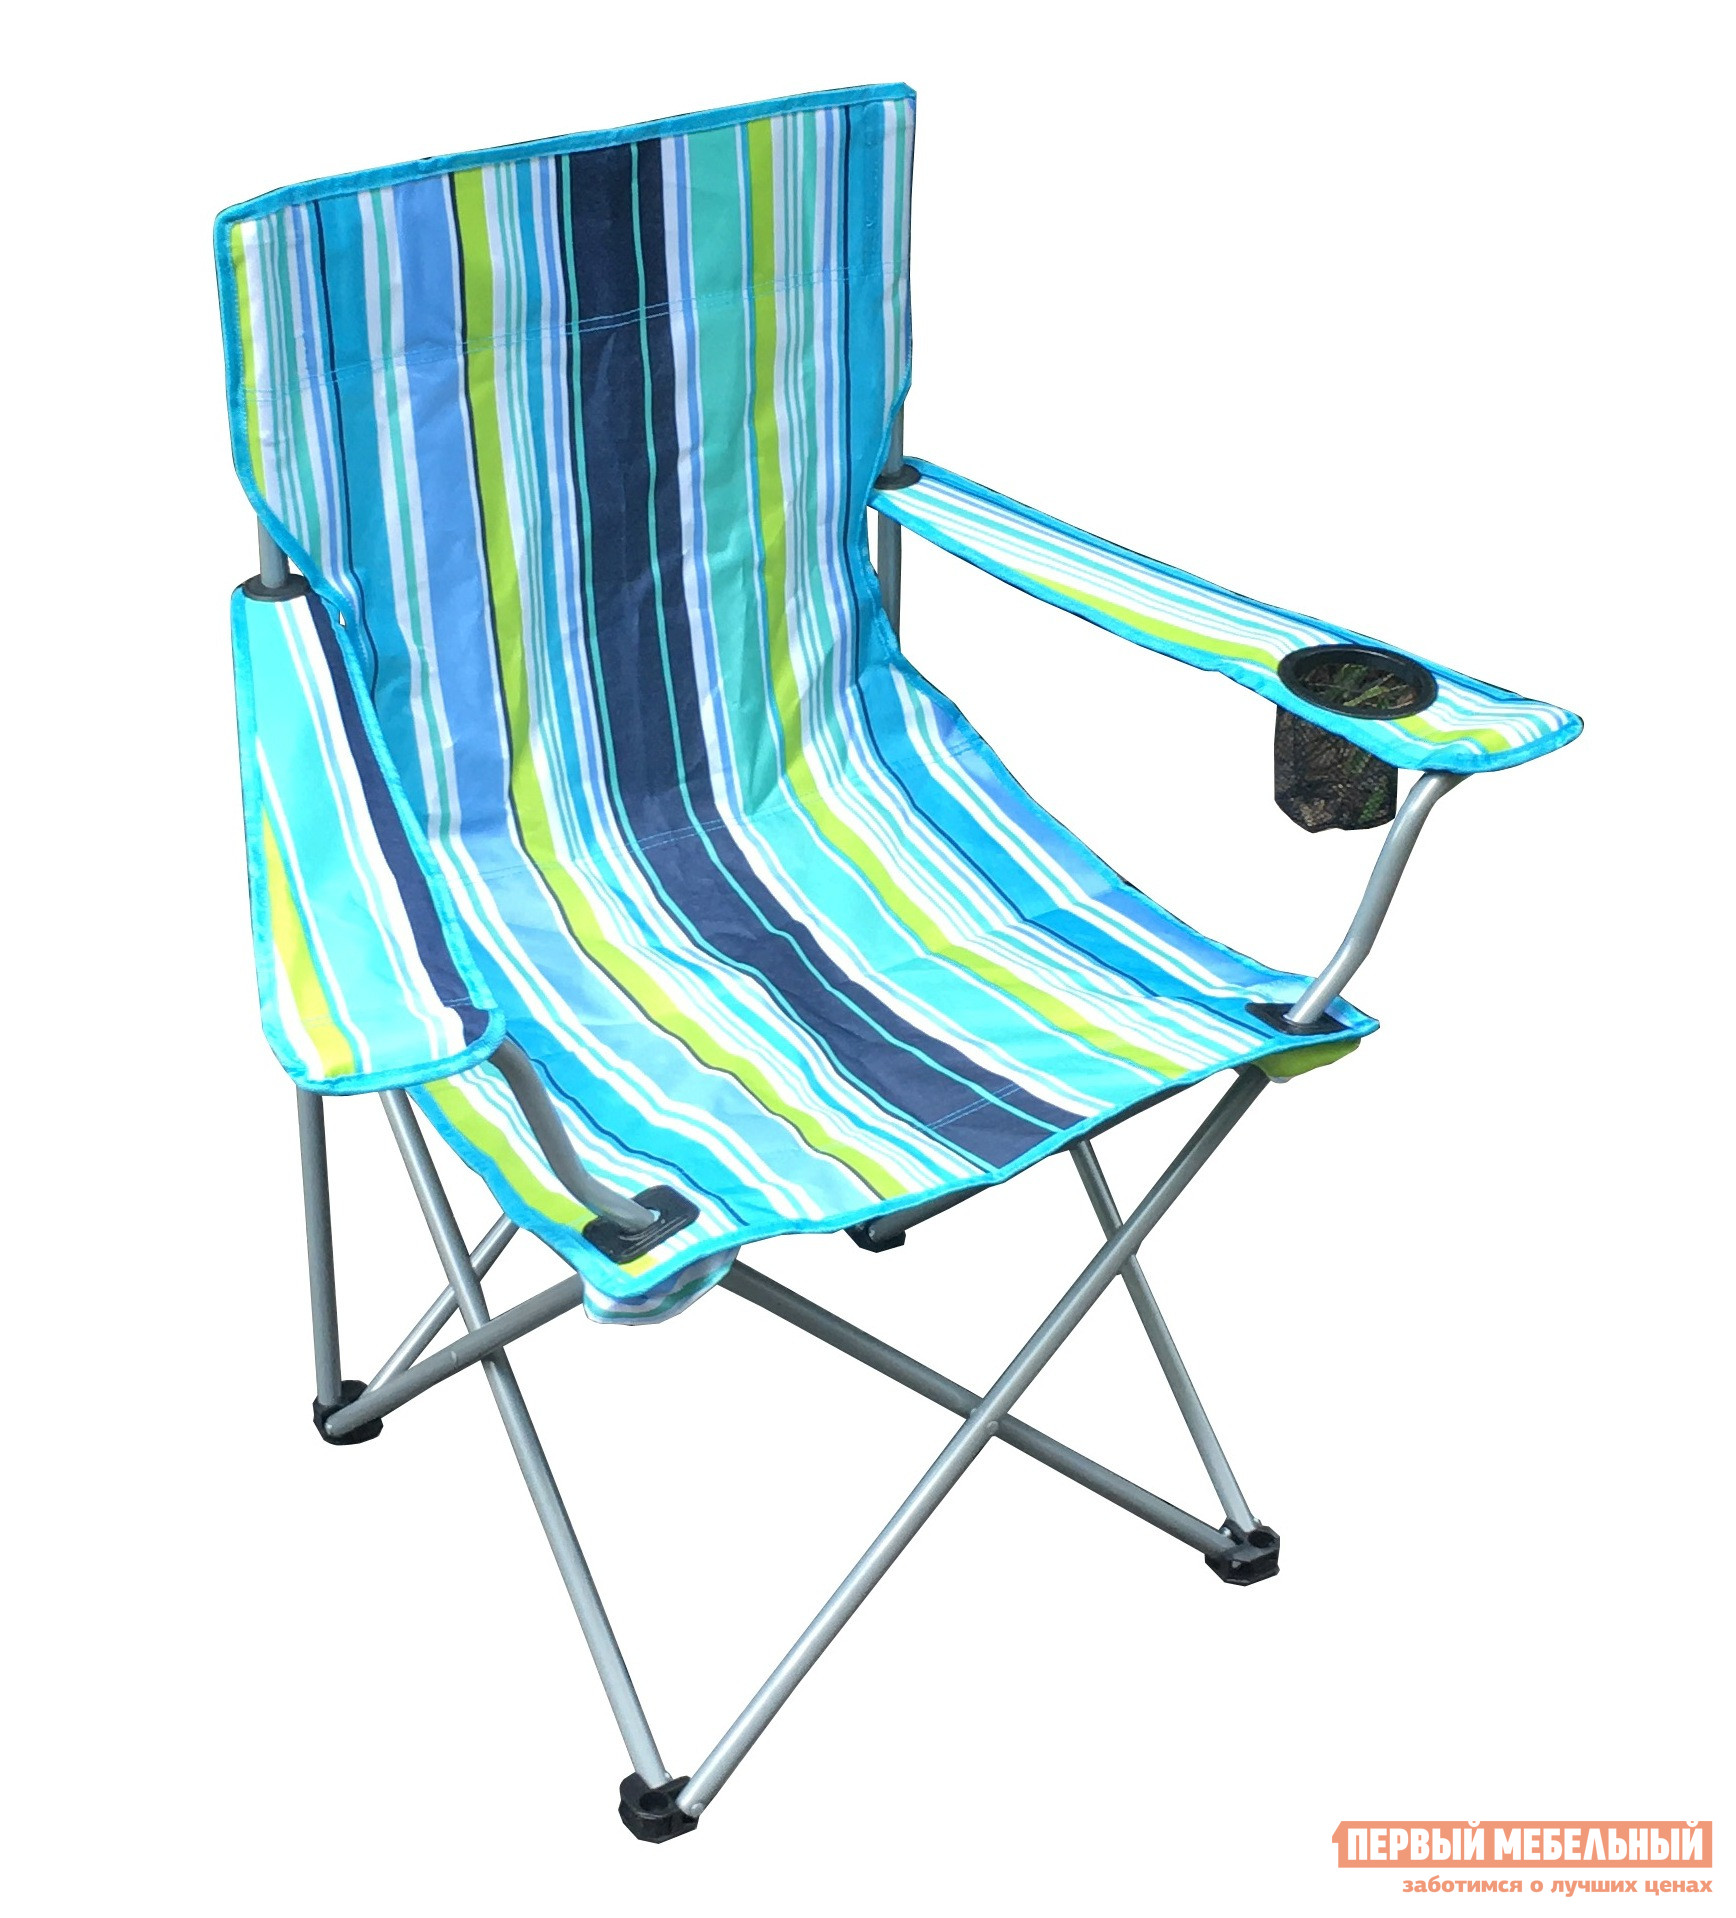 Кресло для пикника Дачная Мебель Жук серикова г дачная мебель своими руками